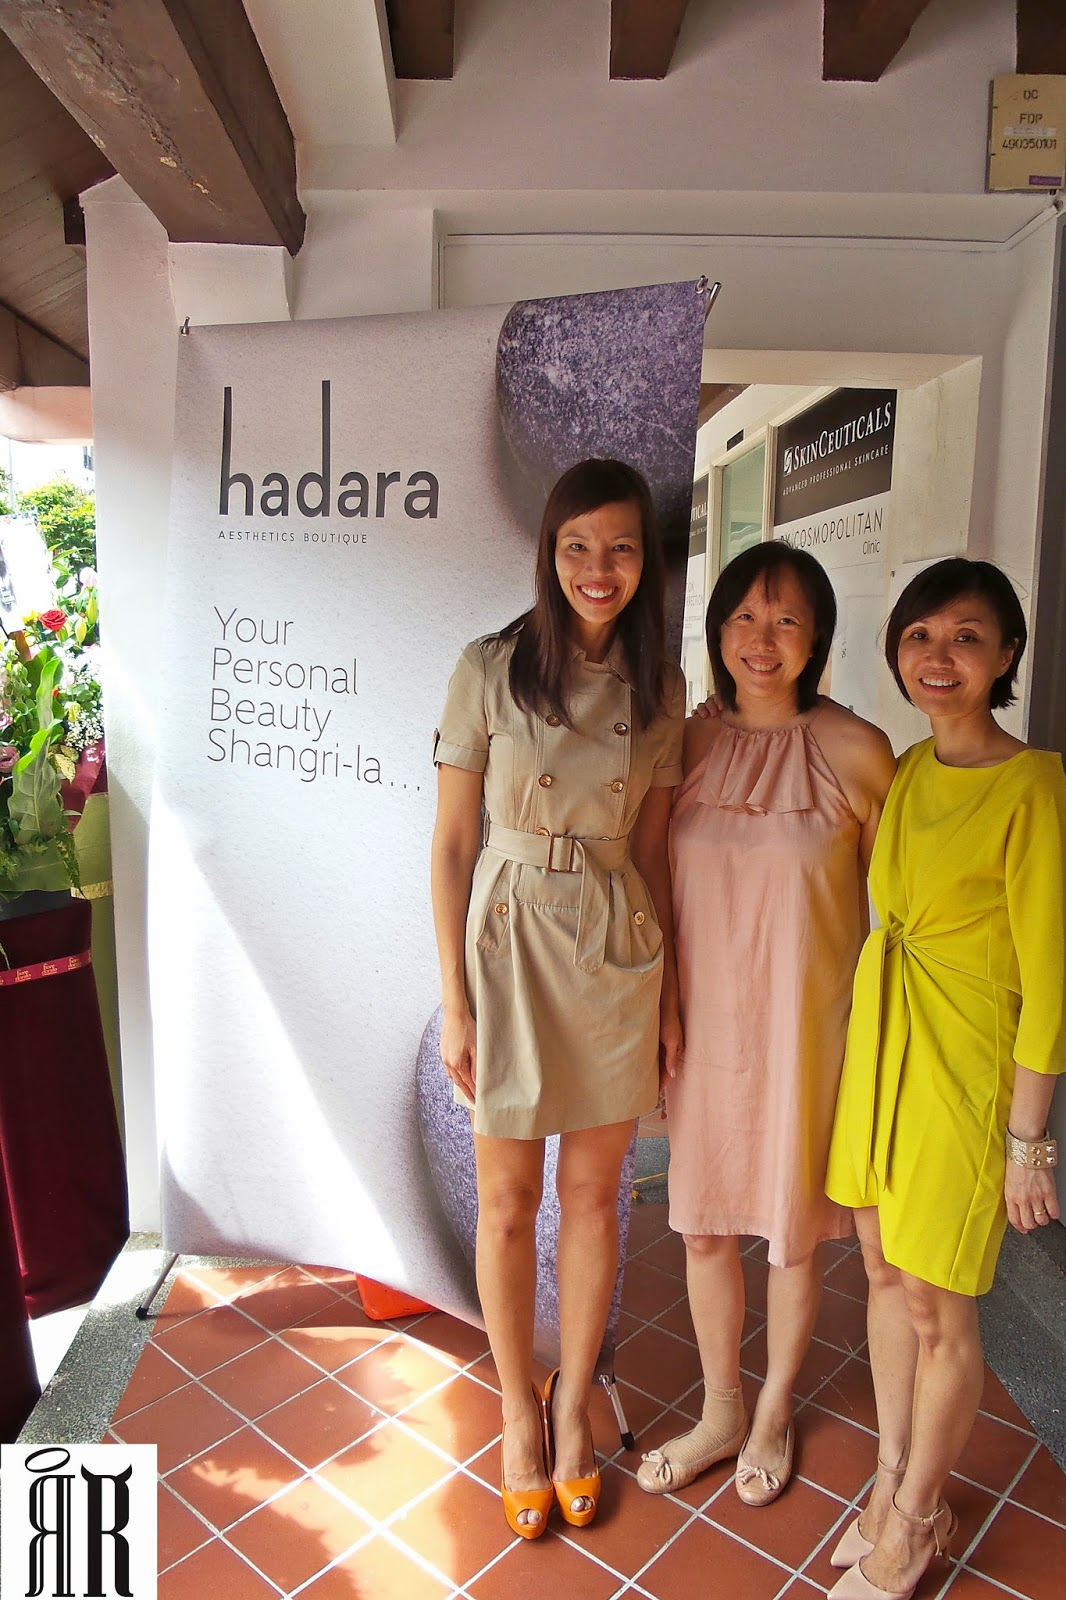 Hadara Aesthetics Boutique RxR Magazine